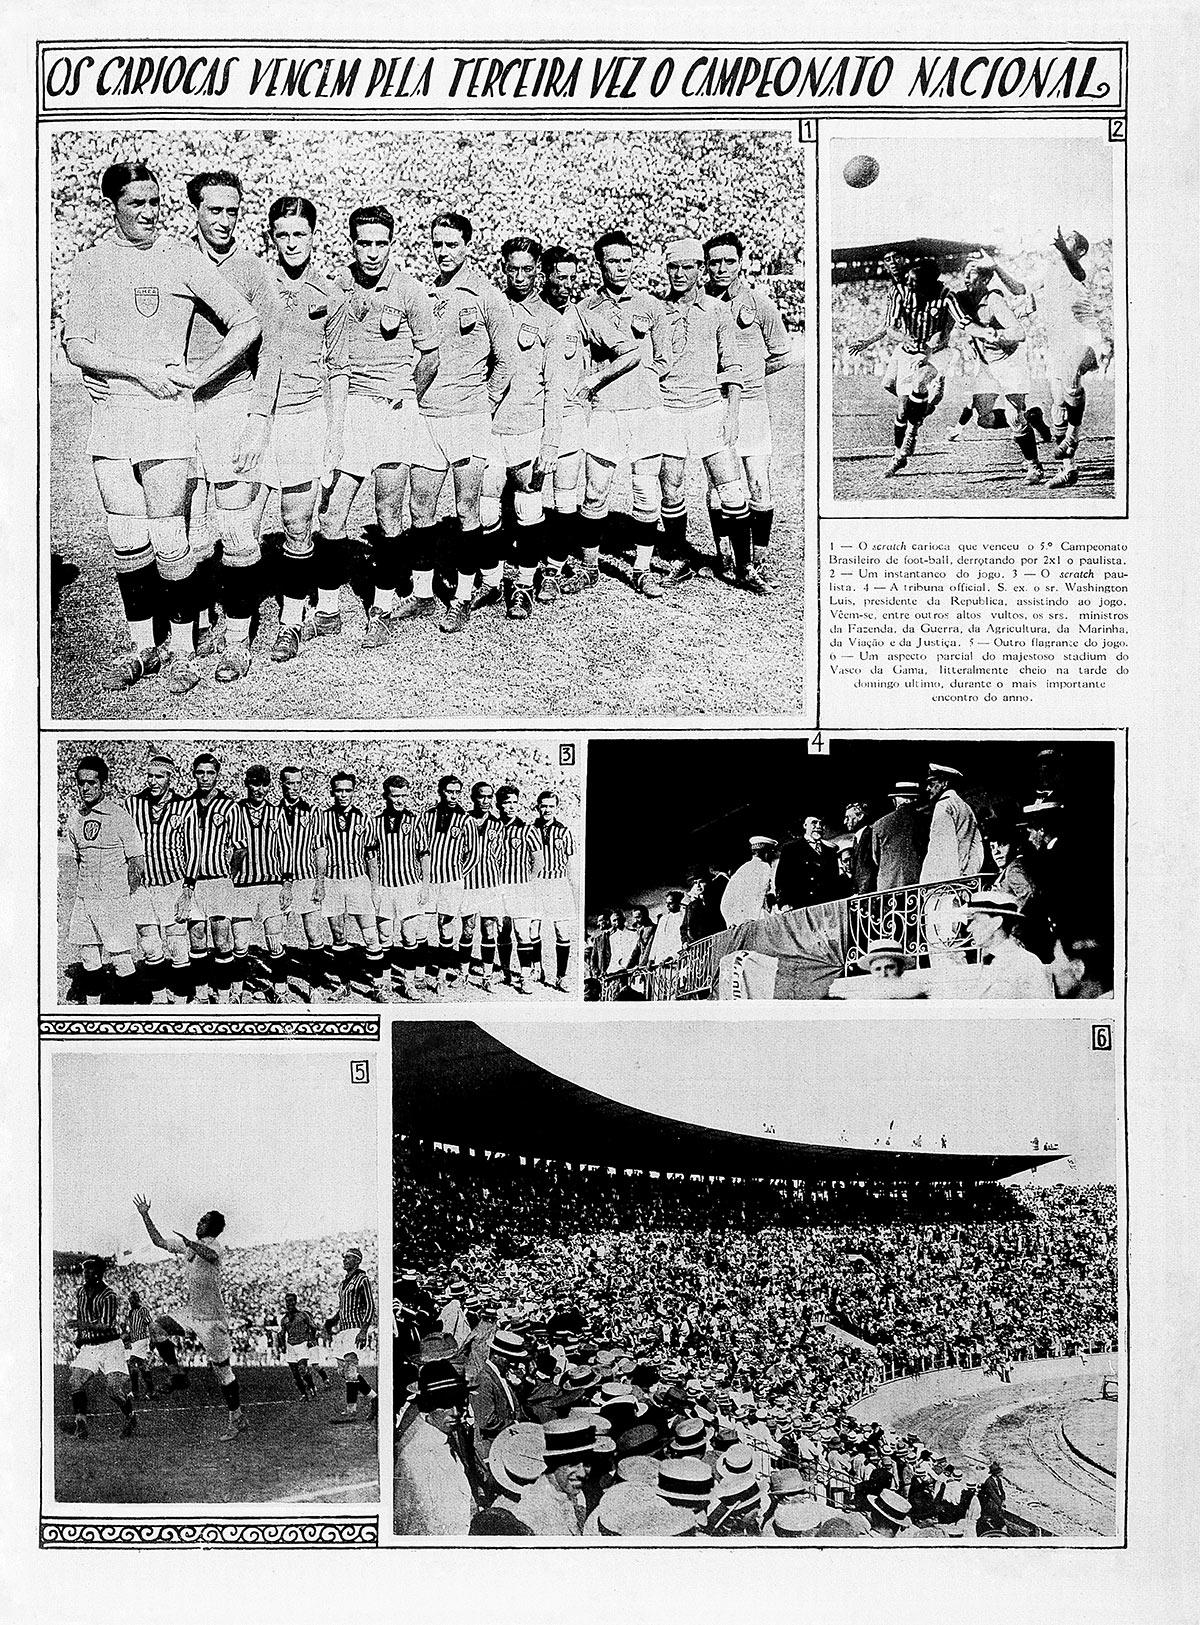 No âmbito do futebol, uma rivalidade tempestuosa marcava as relações entre dirigentes paulistas e cariocas, desde pelo menos a criação, em 1916, da Confederação Brasileira de Desportos